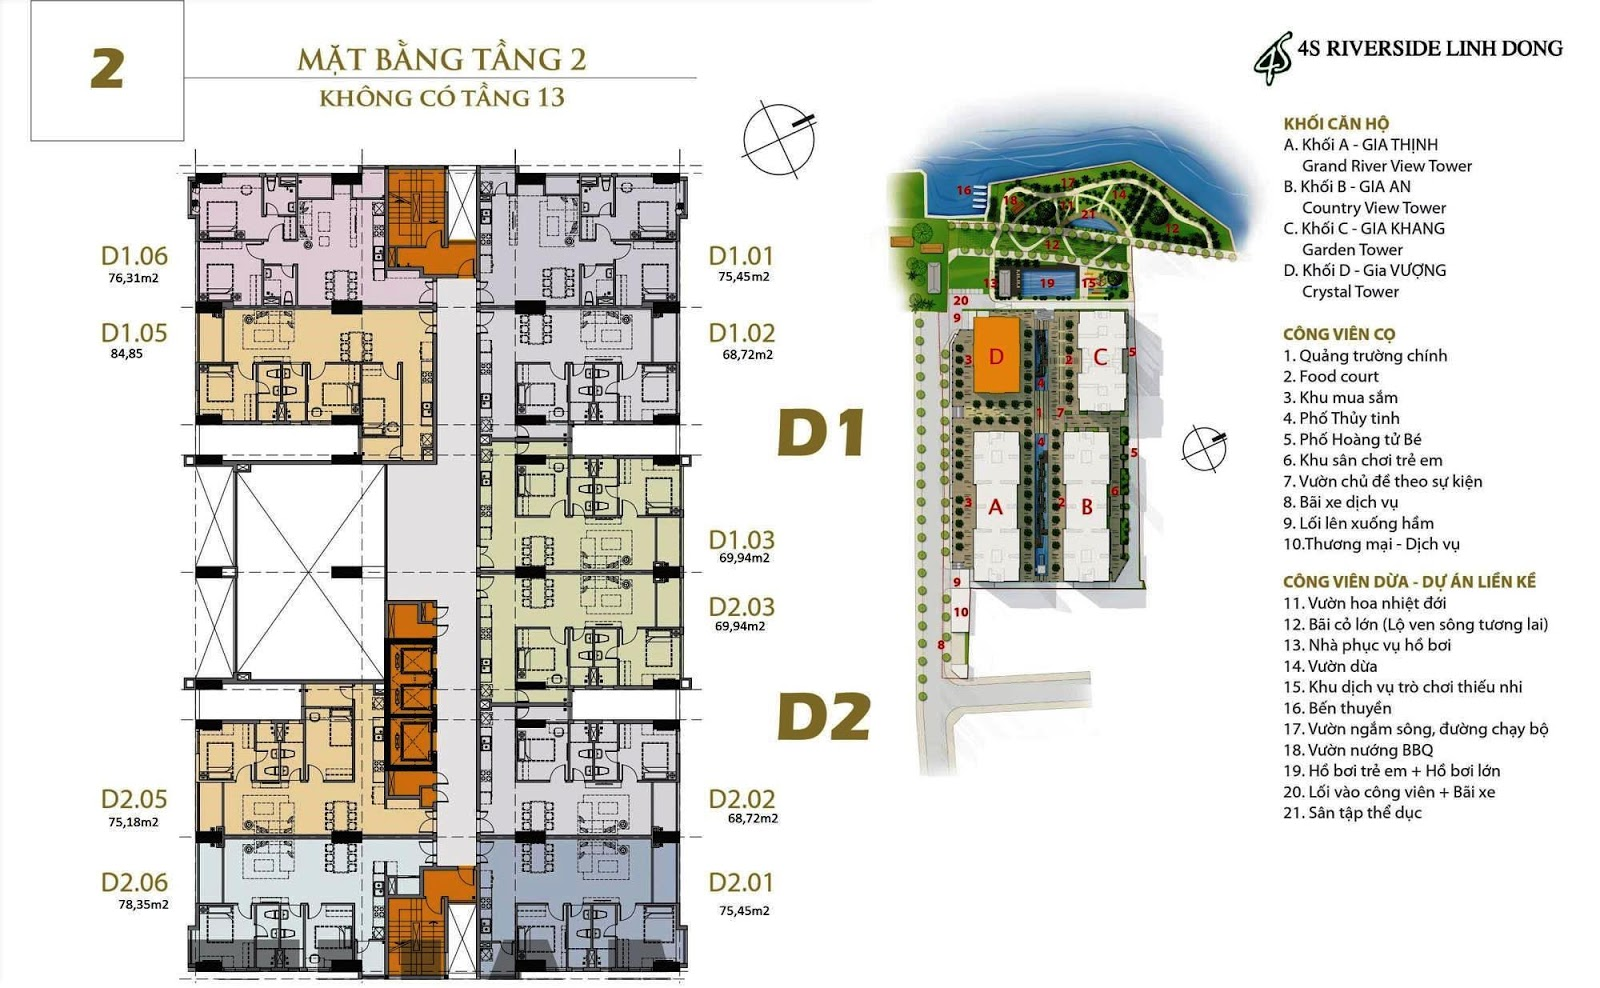 Mặt bằng dự án căn hộ 4S Linh Đông Block D Gia Vượng tầng 2